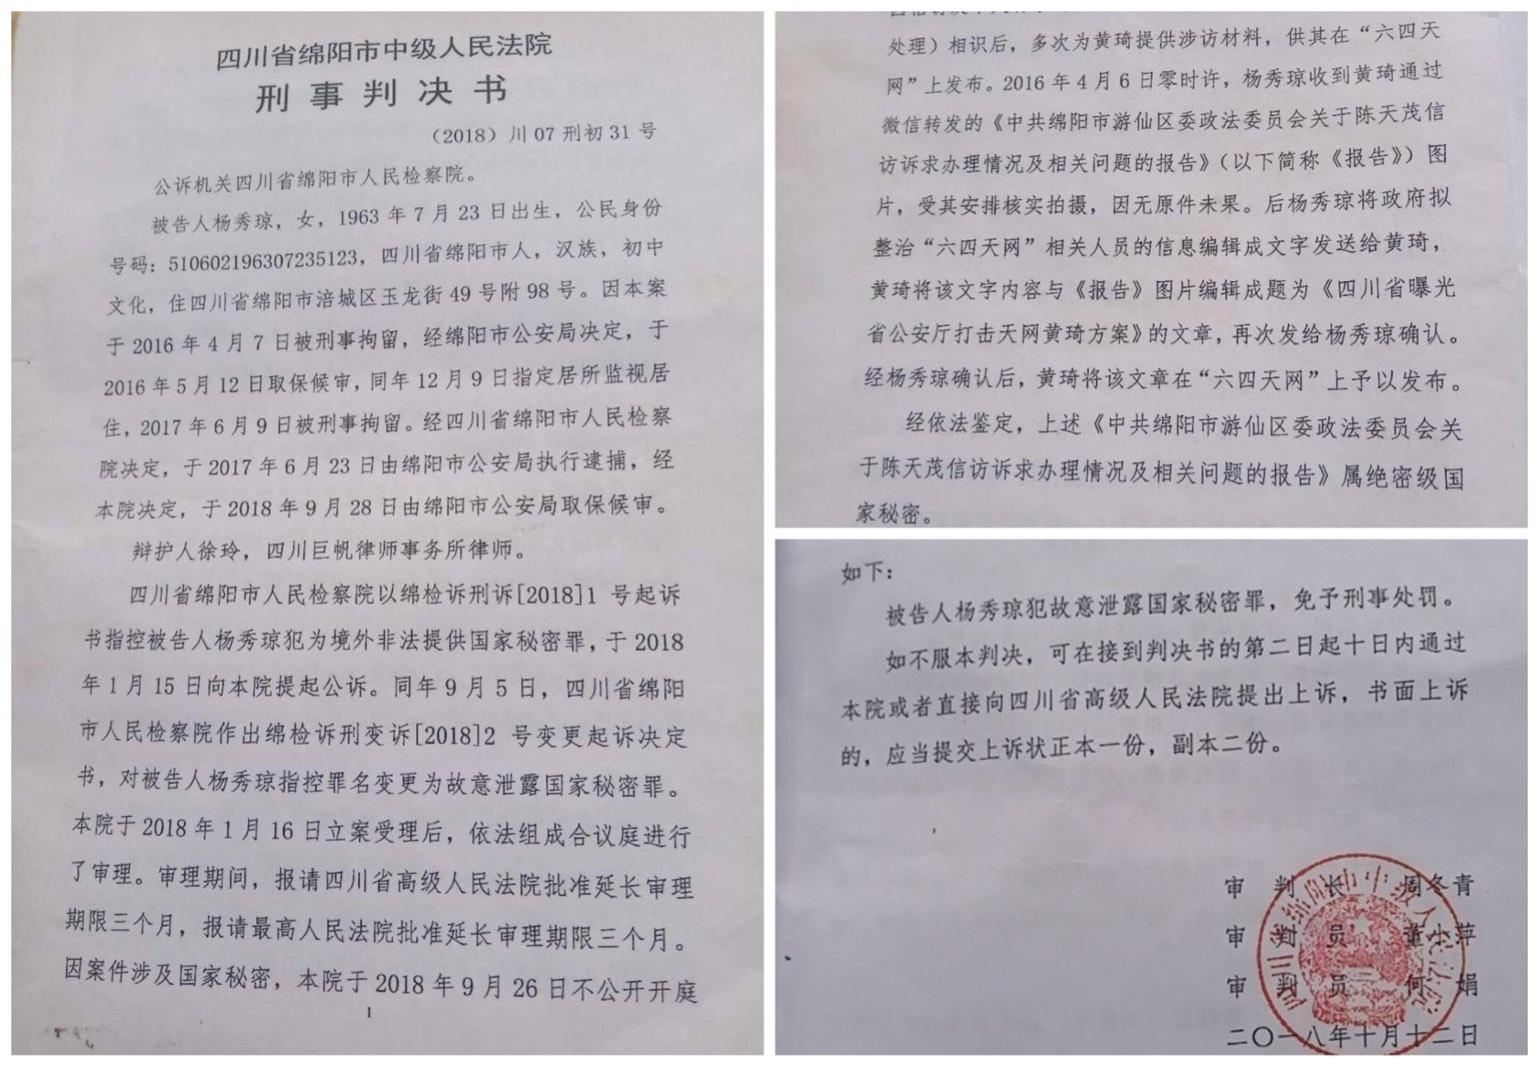 中共構陷黃琦入罪 同案楊秀瓊判決書曝光